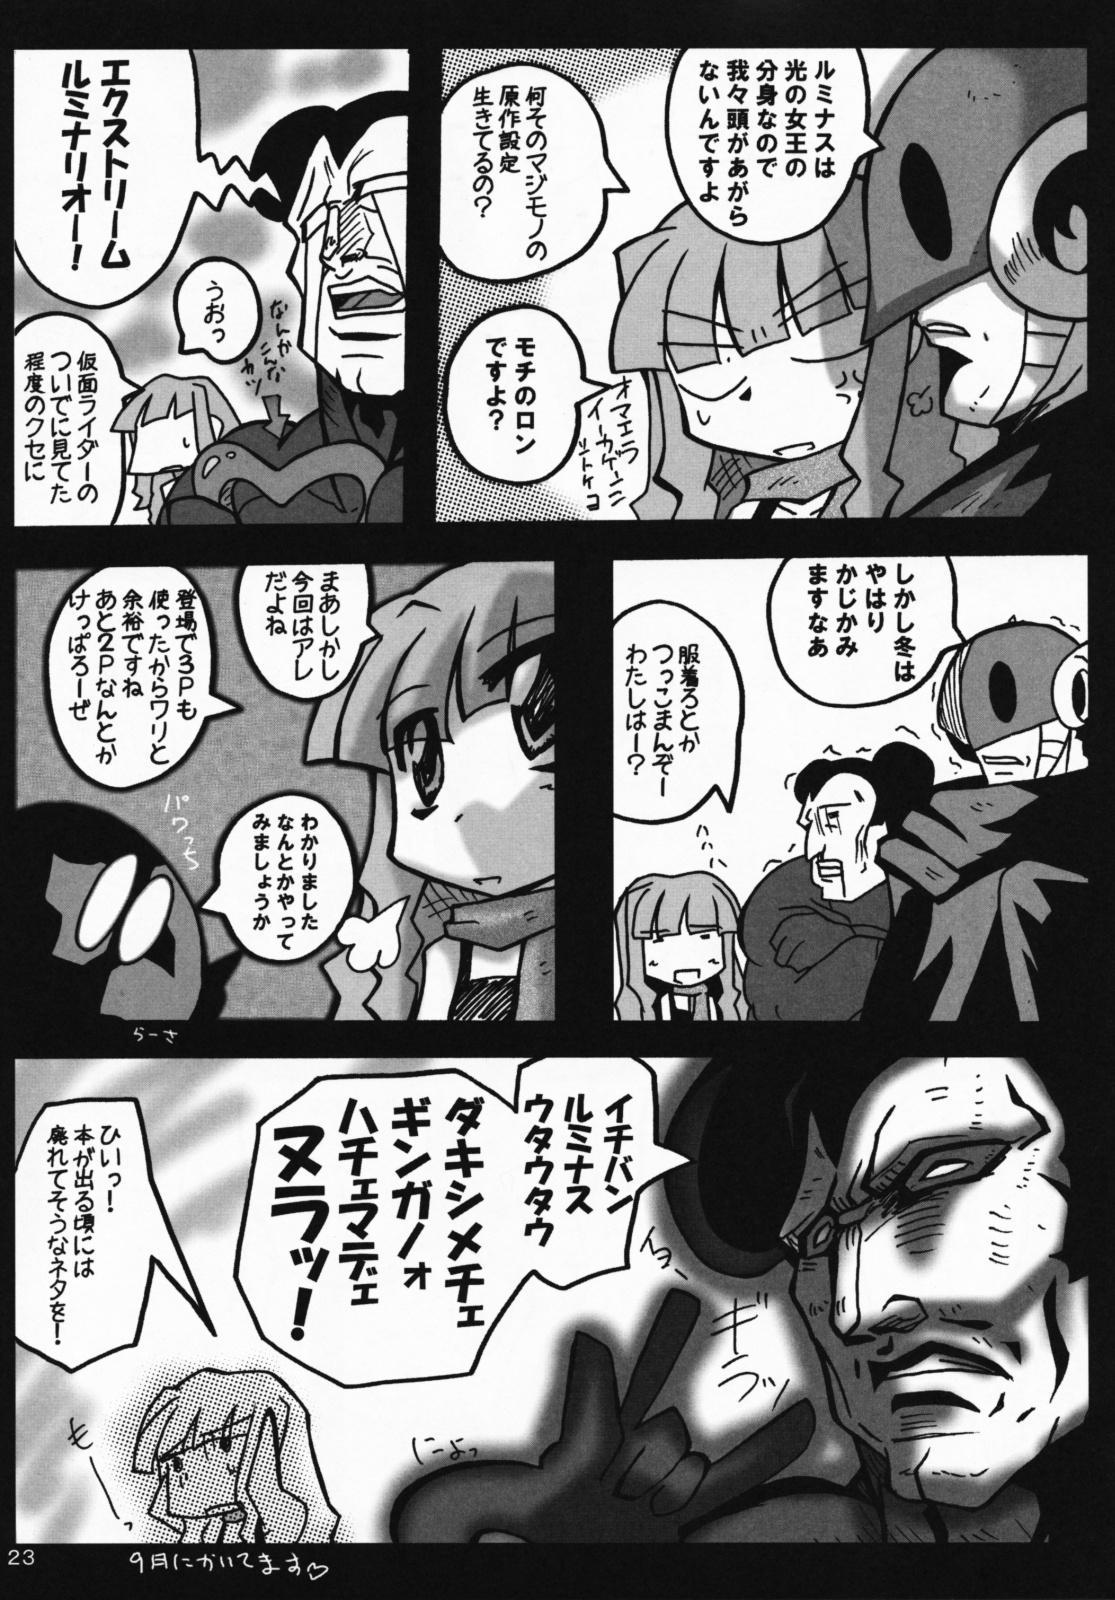 Ryoujoku Gakuen Negima! Poimono Vol.06 21